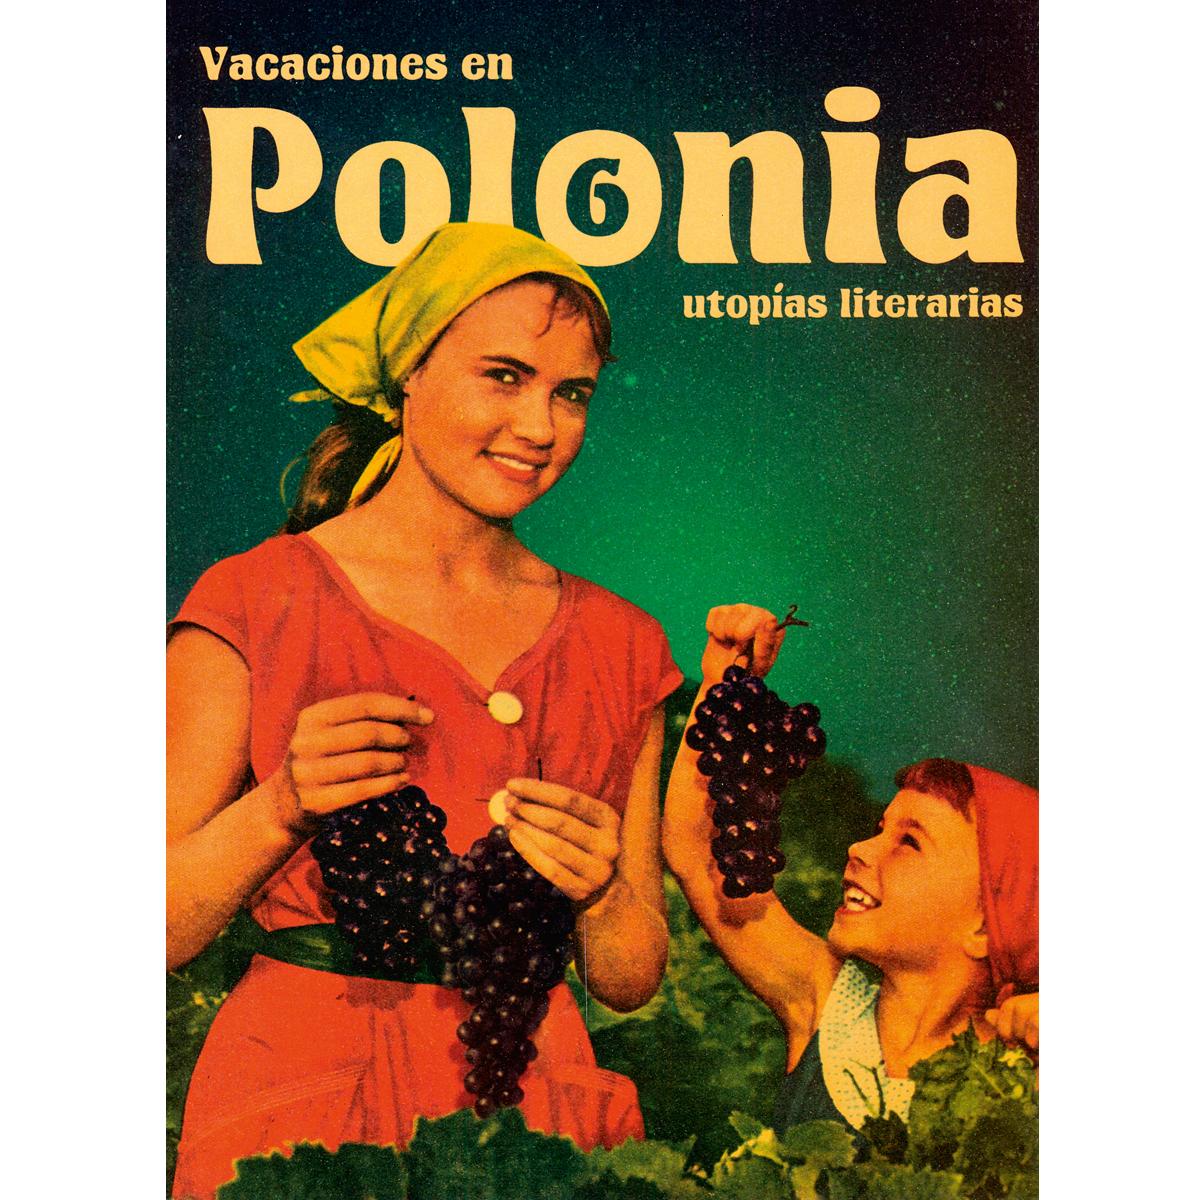 Vacaciones en Polonia: Utopías literarias